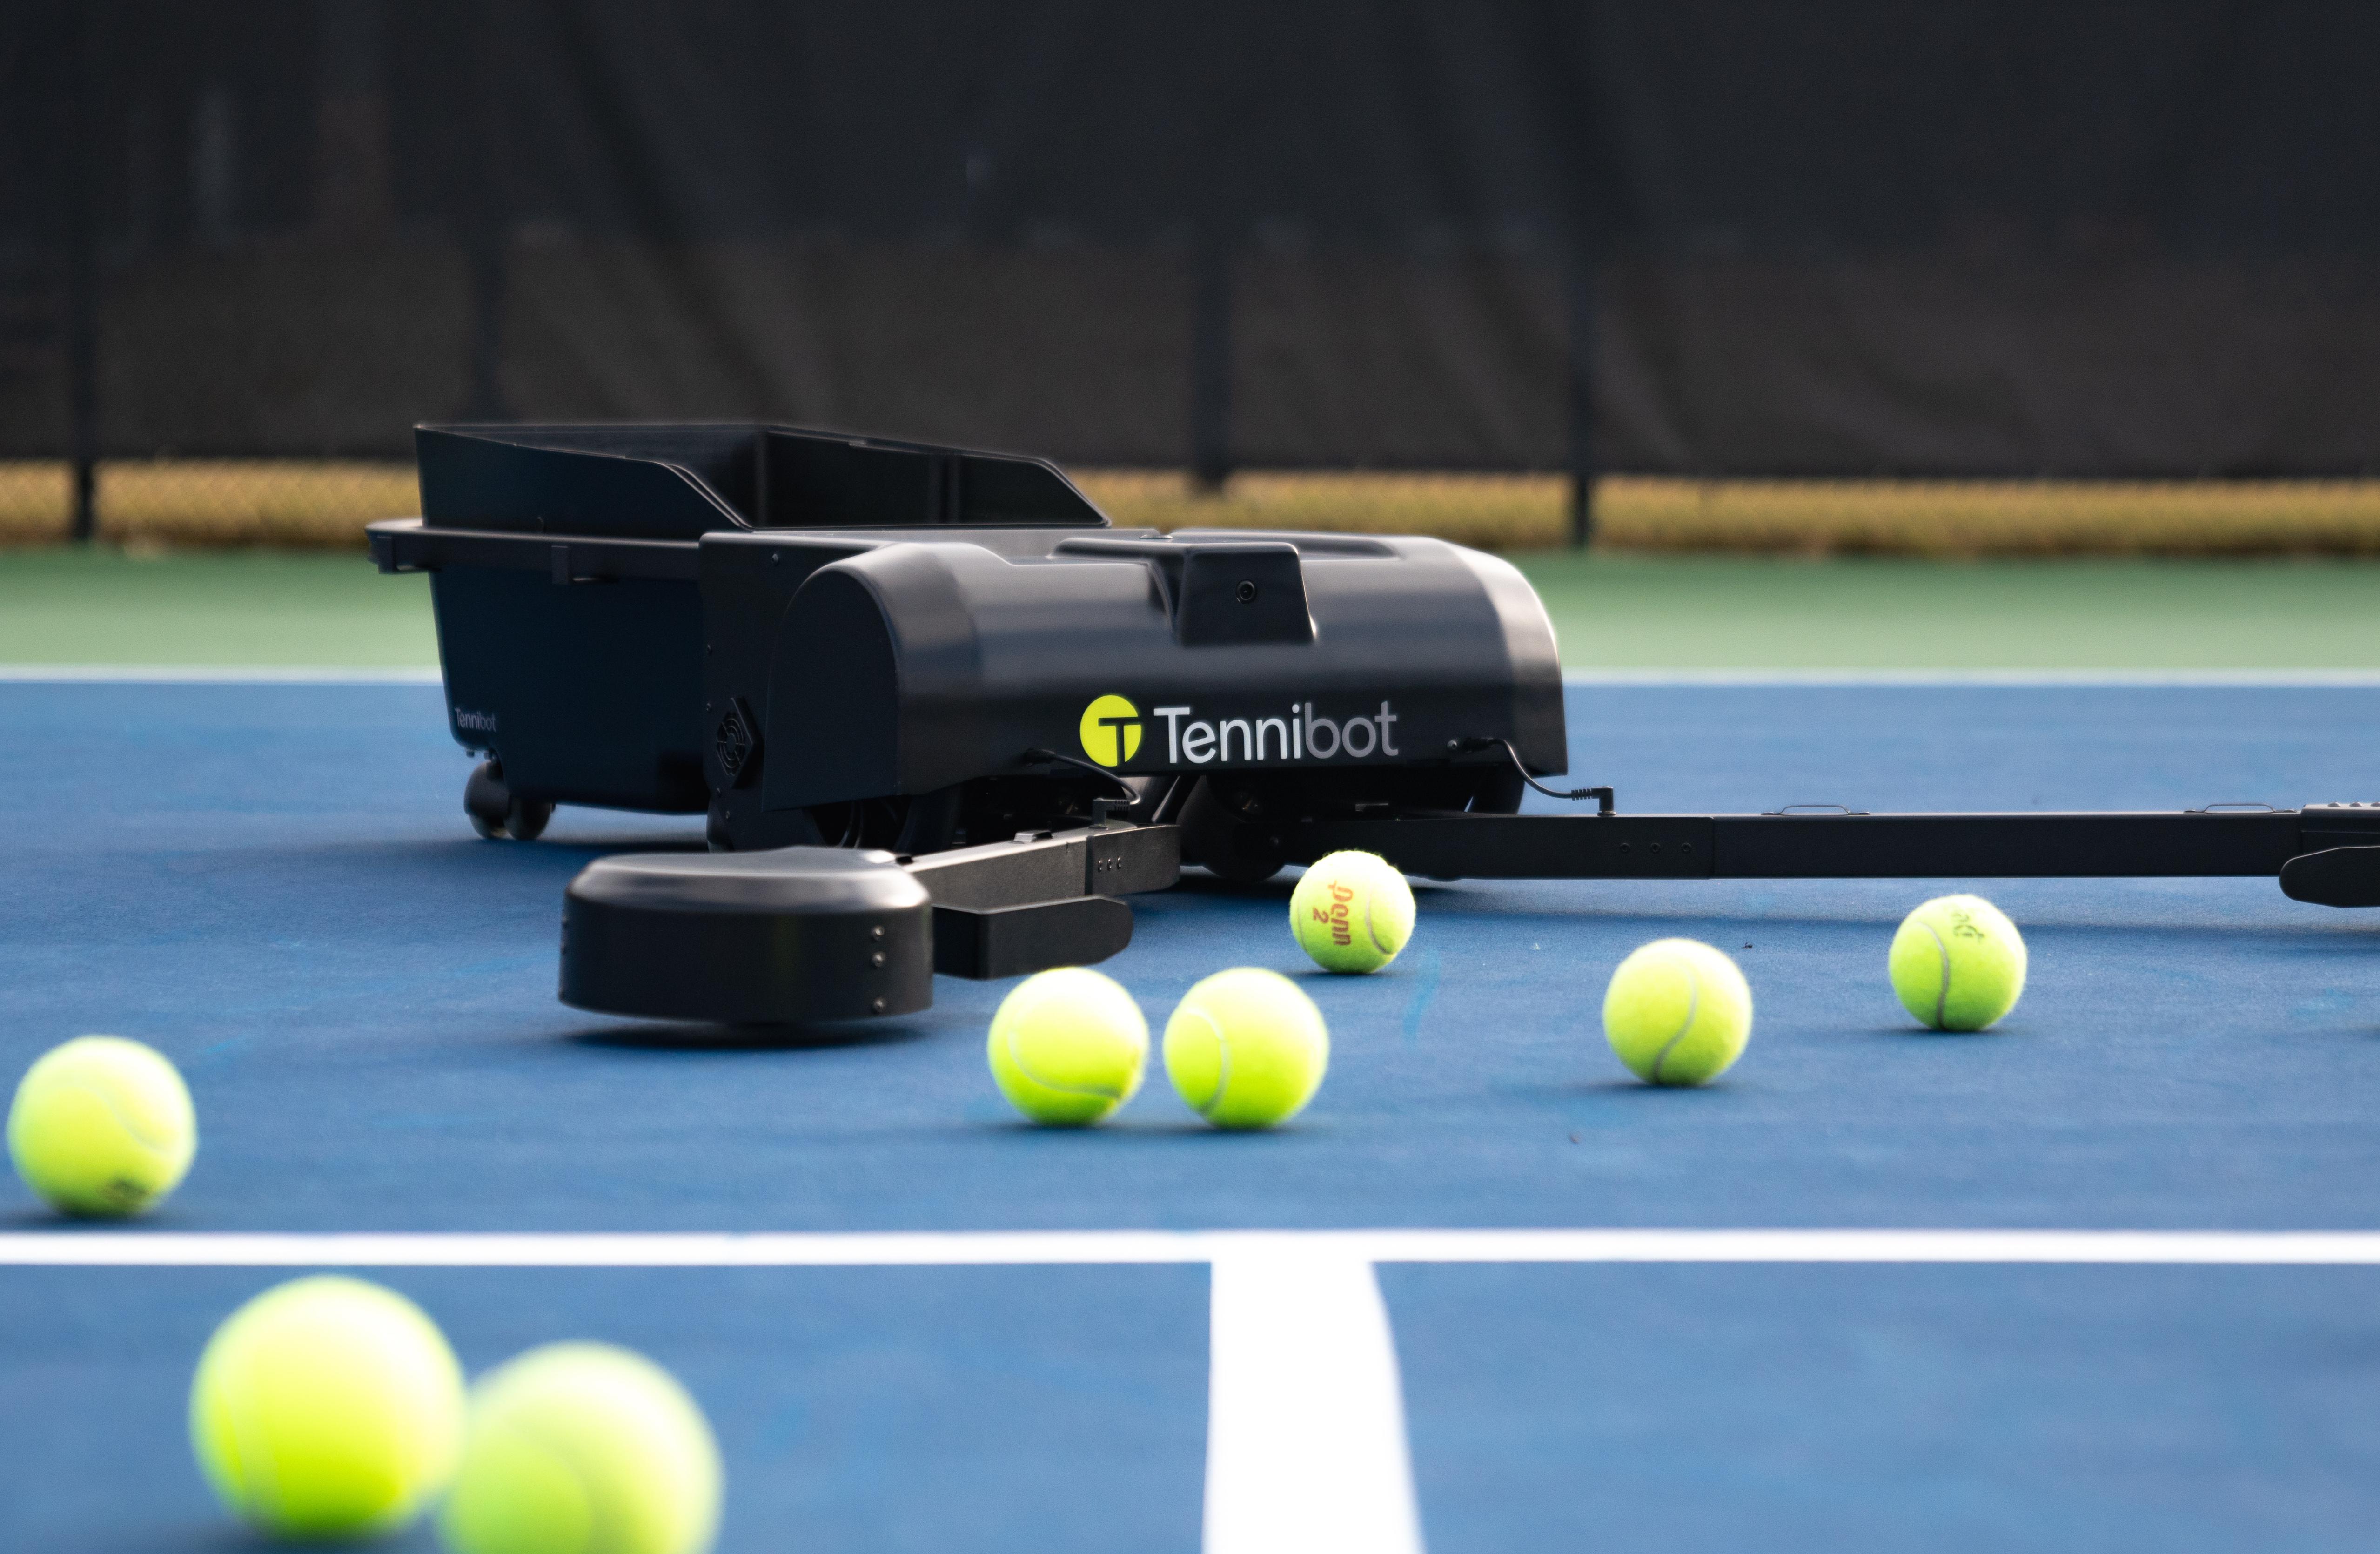 Tennibot Rover